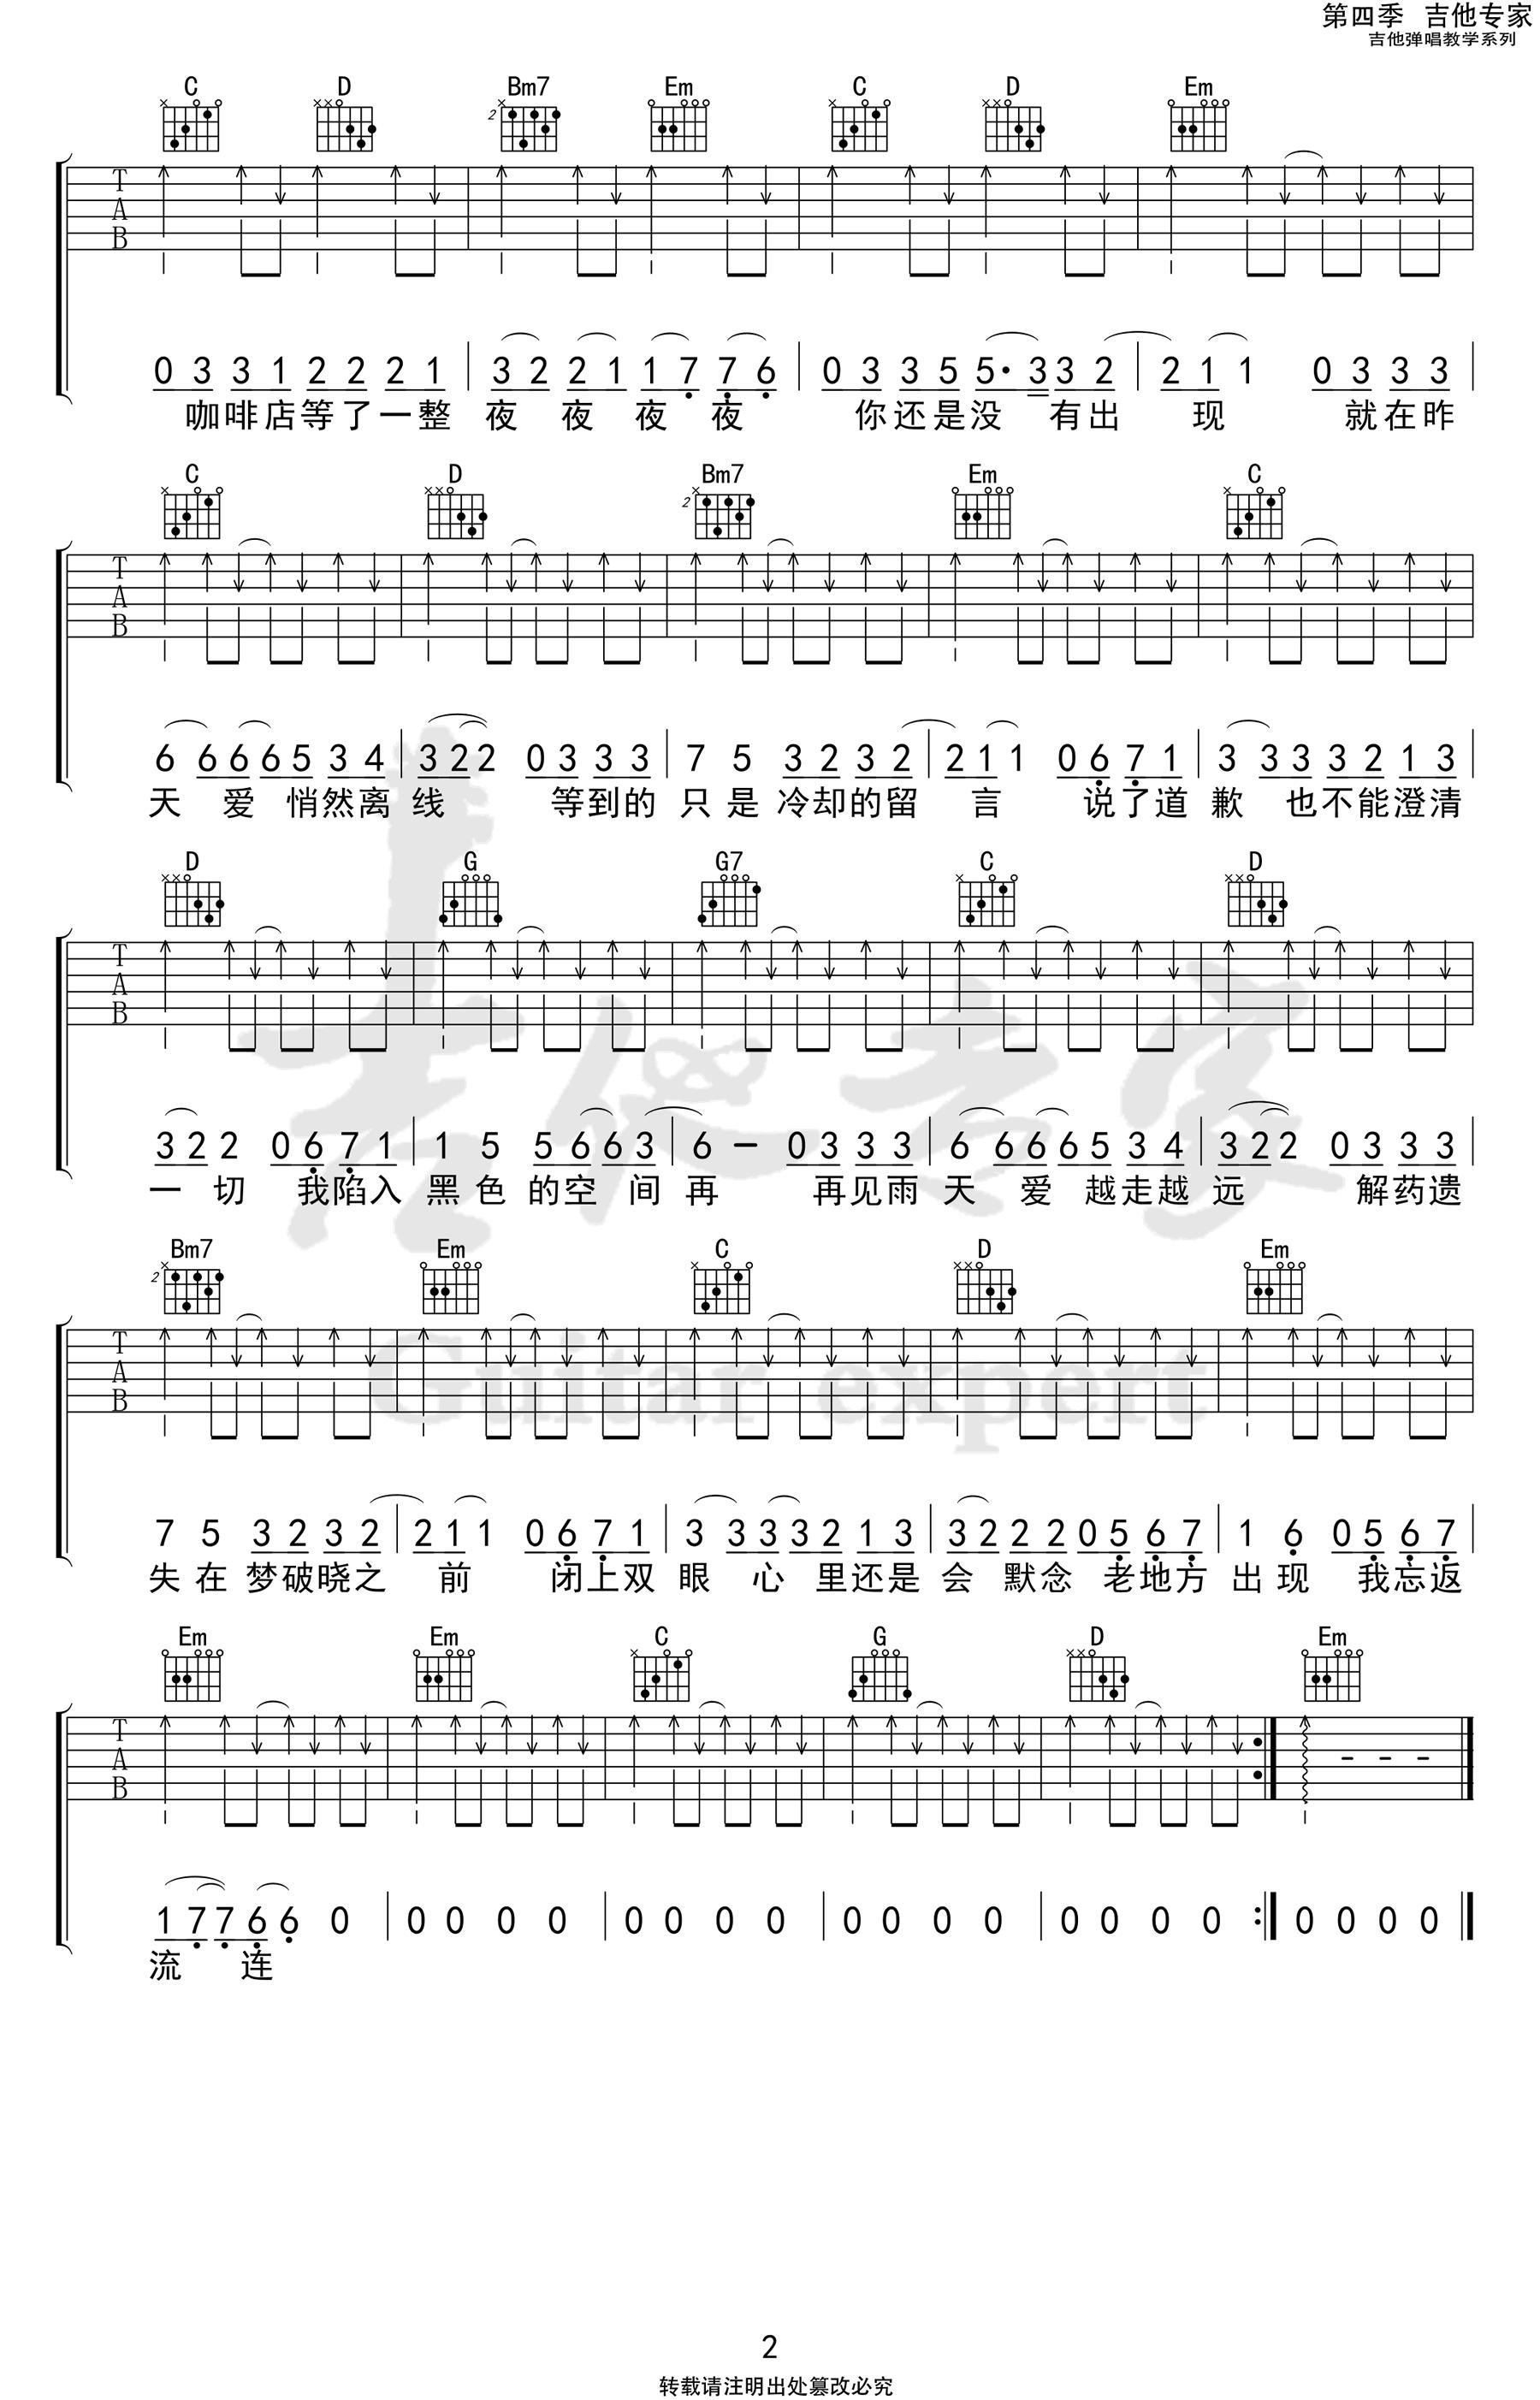 来一碗老于-解药吉他谱-吉他帮网站-2